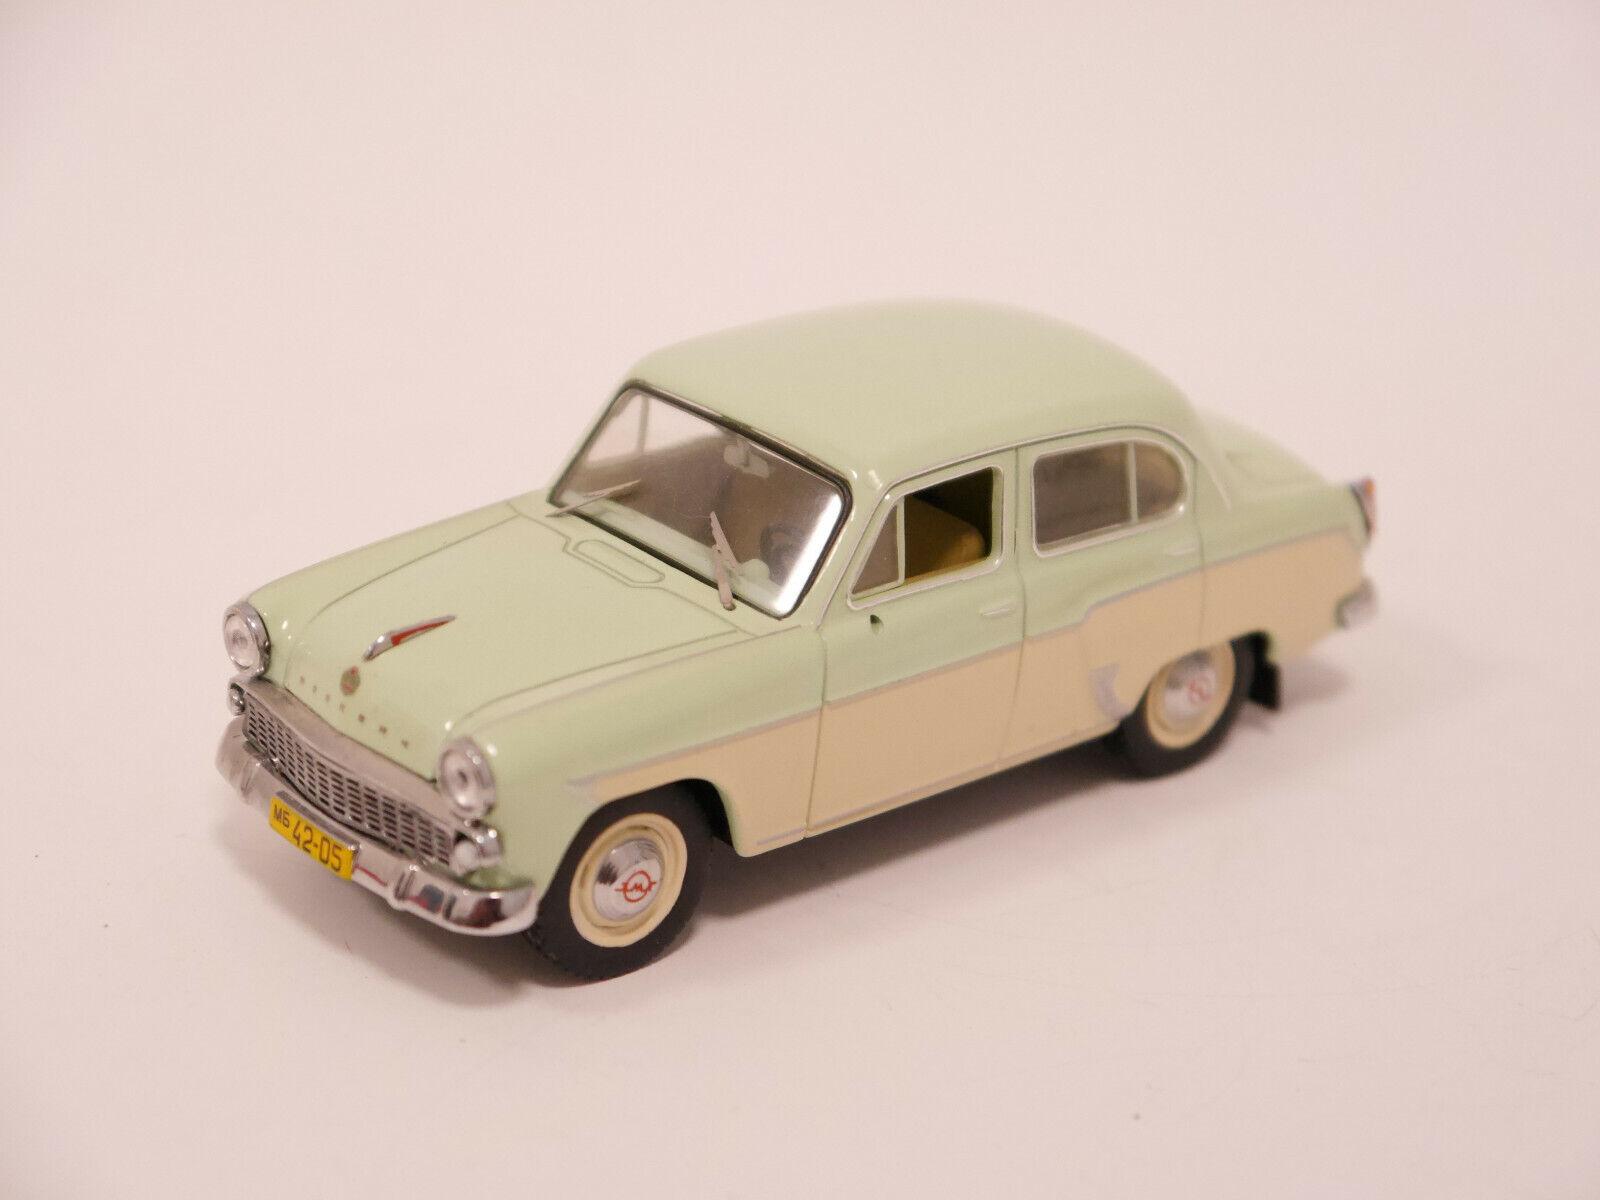 comprar descuentos Moskvich Moskvitch 407 verde pálido light verde crema, es es es 1 43 URSS USSR RDA   suministramos lo mejor